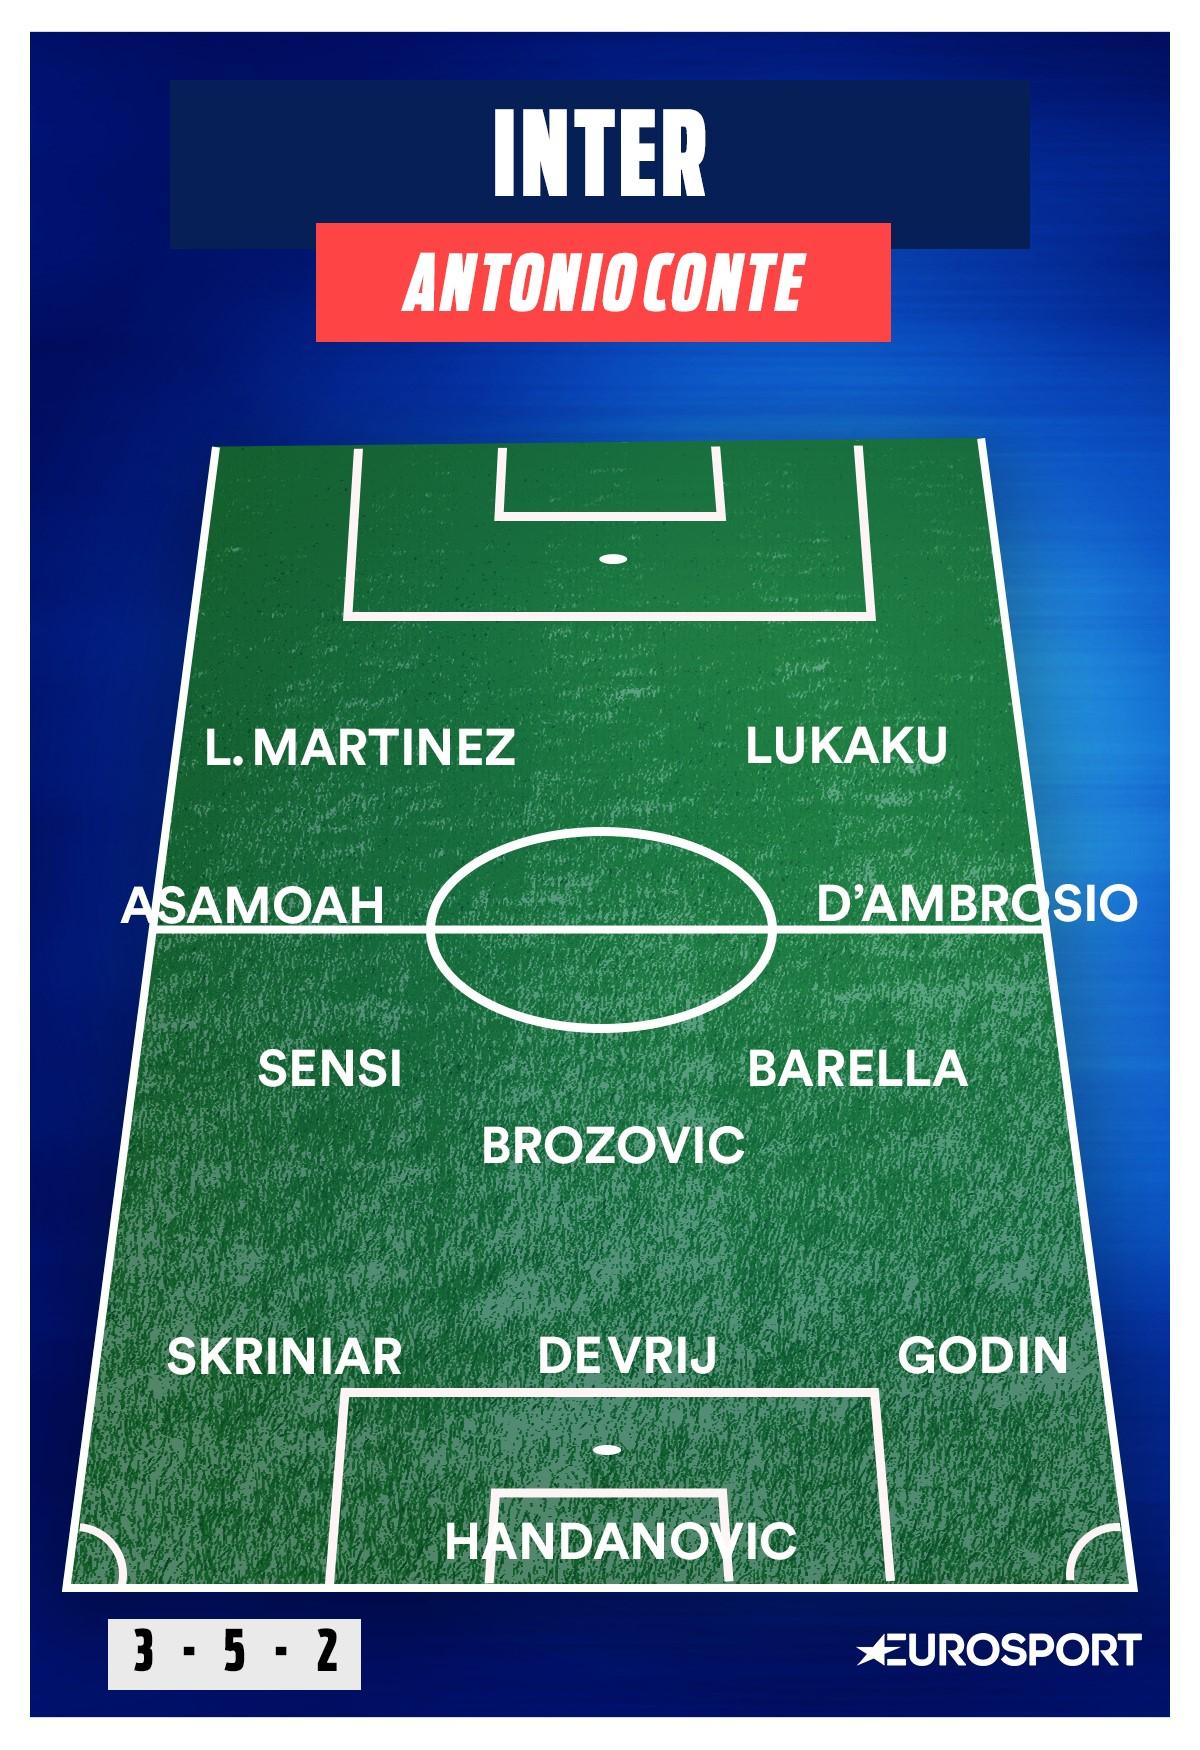 L'Inter di Antonio Conte - Serie A 2019-2020